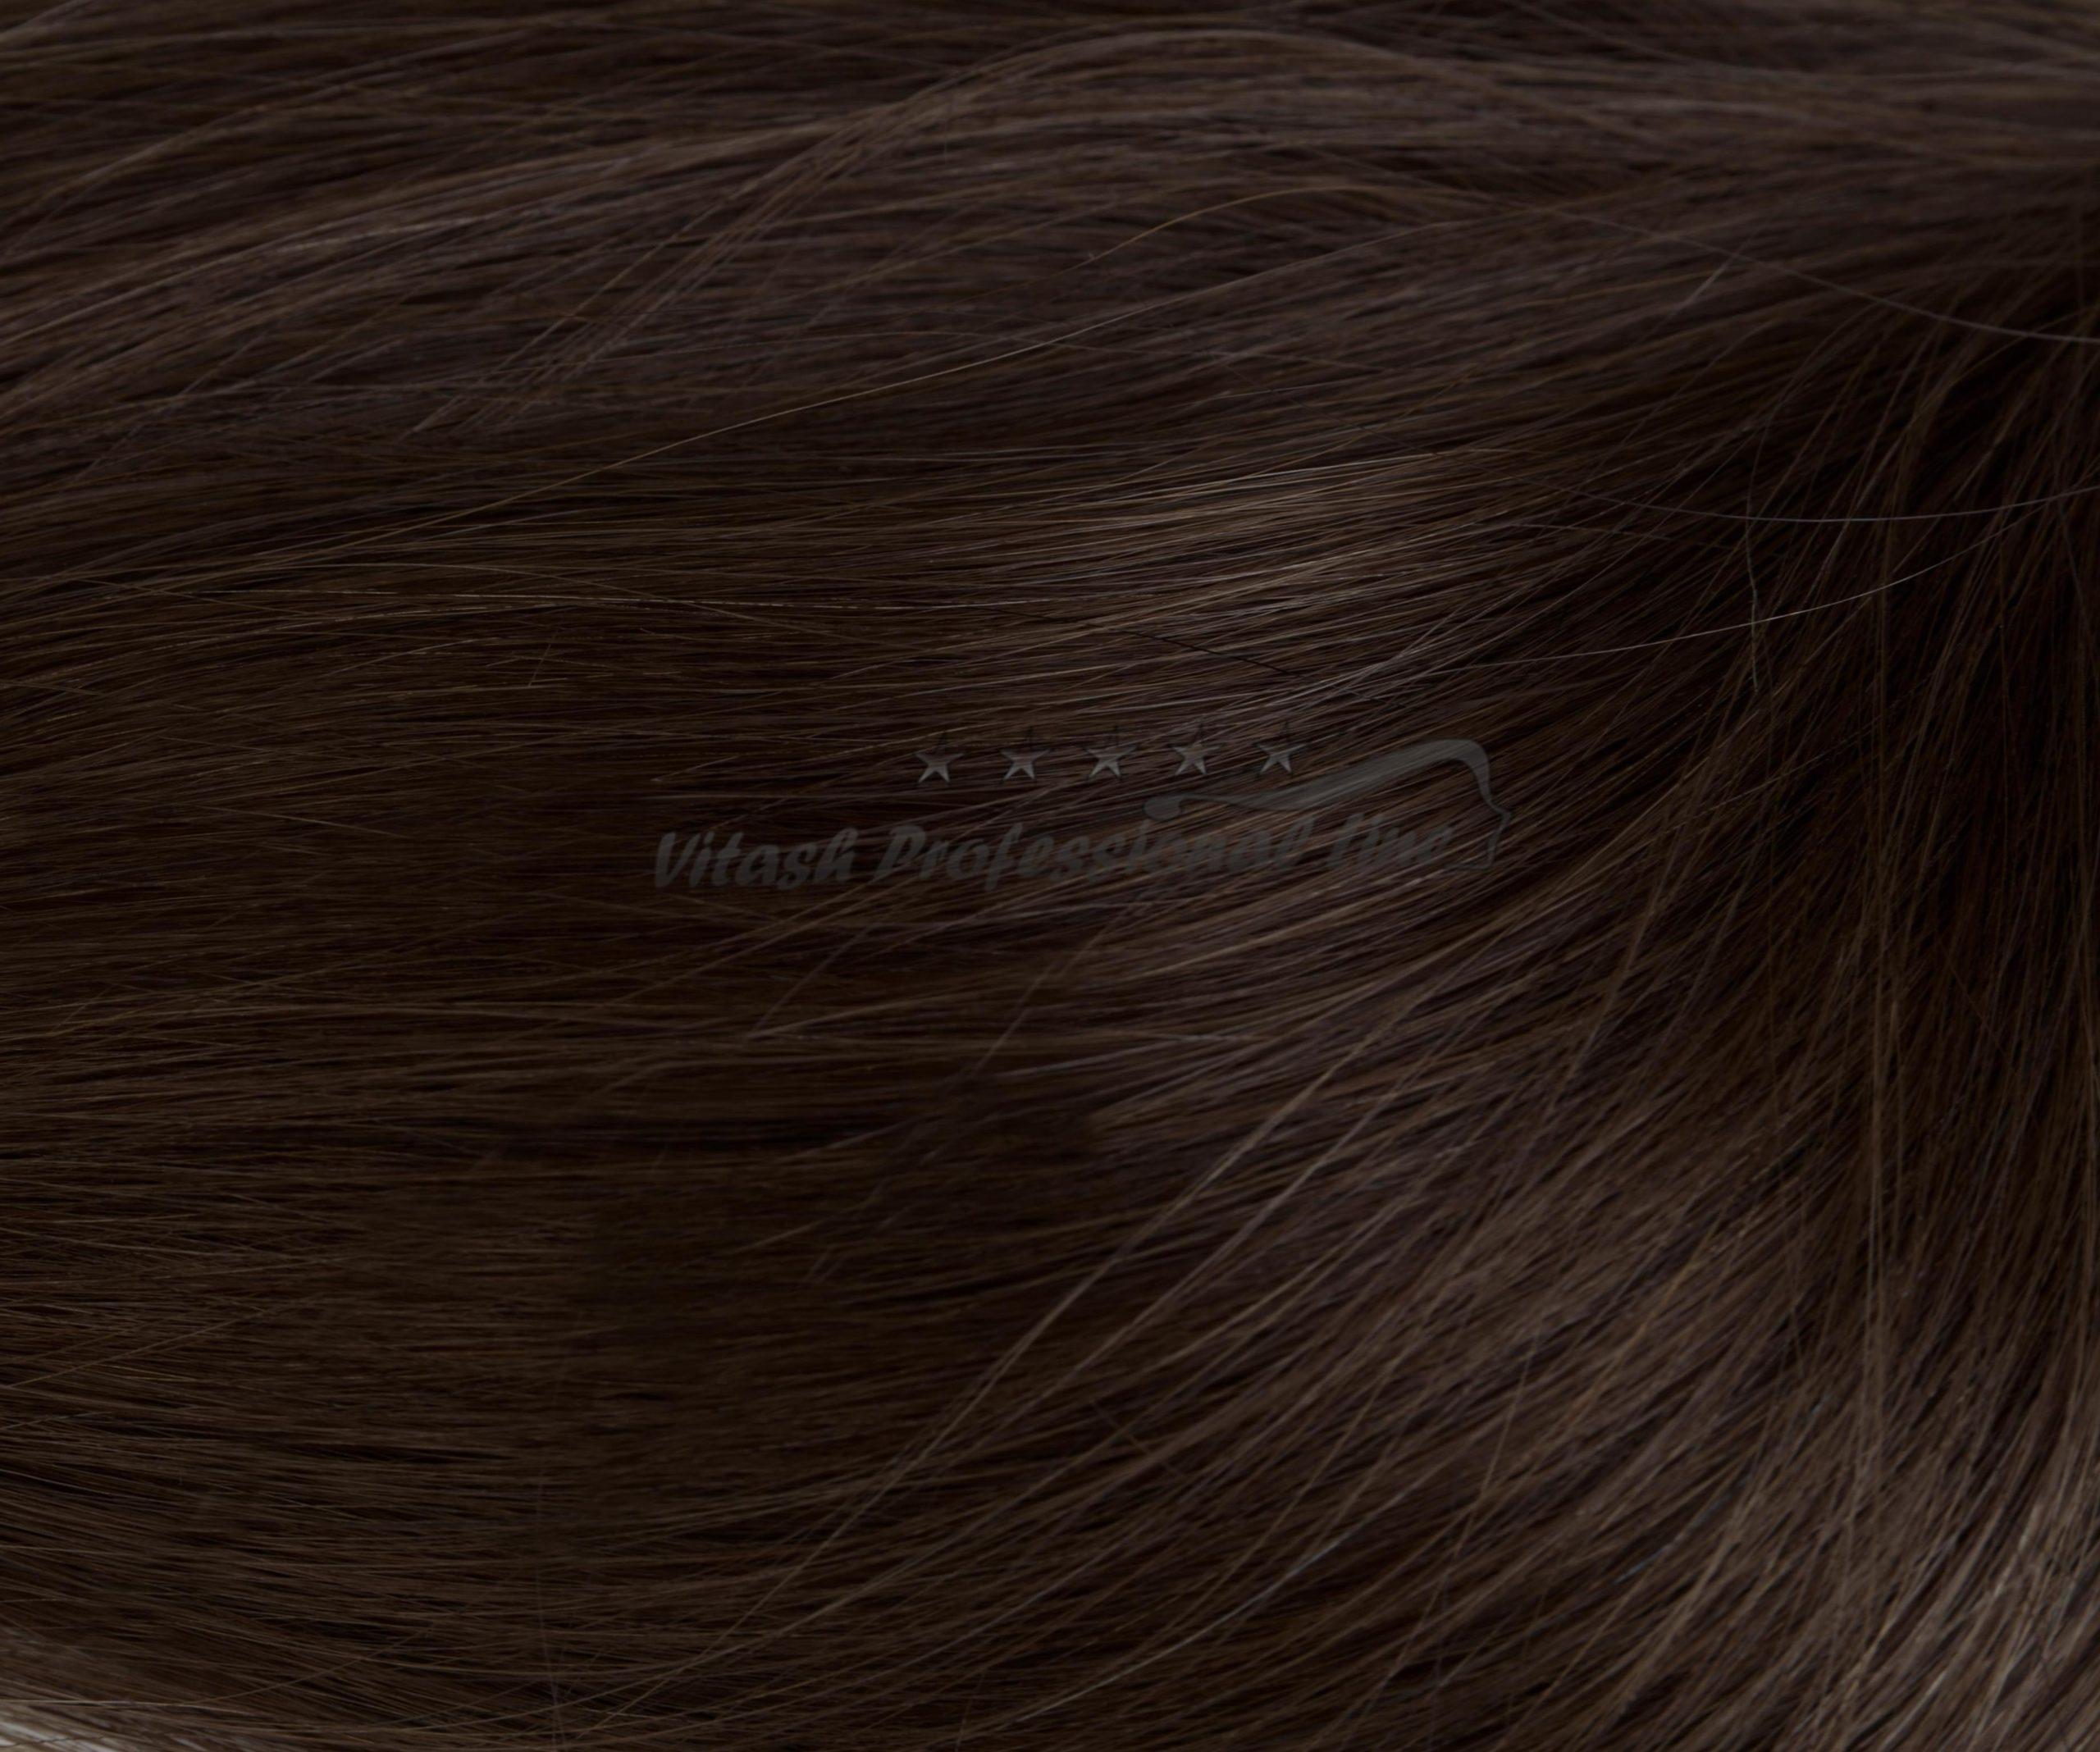 25 REMY indische Echthaar Strähnen MITTEL gewellt - 1 Gramm pro Strähne #2- dunkelbraun